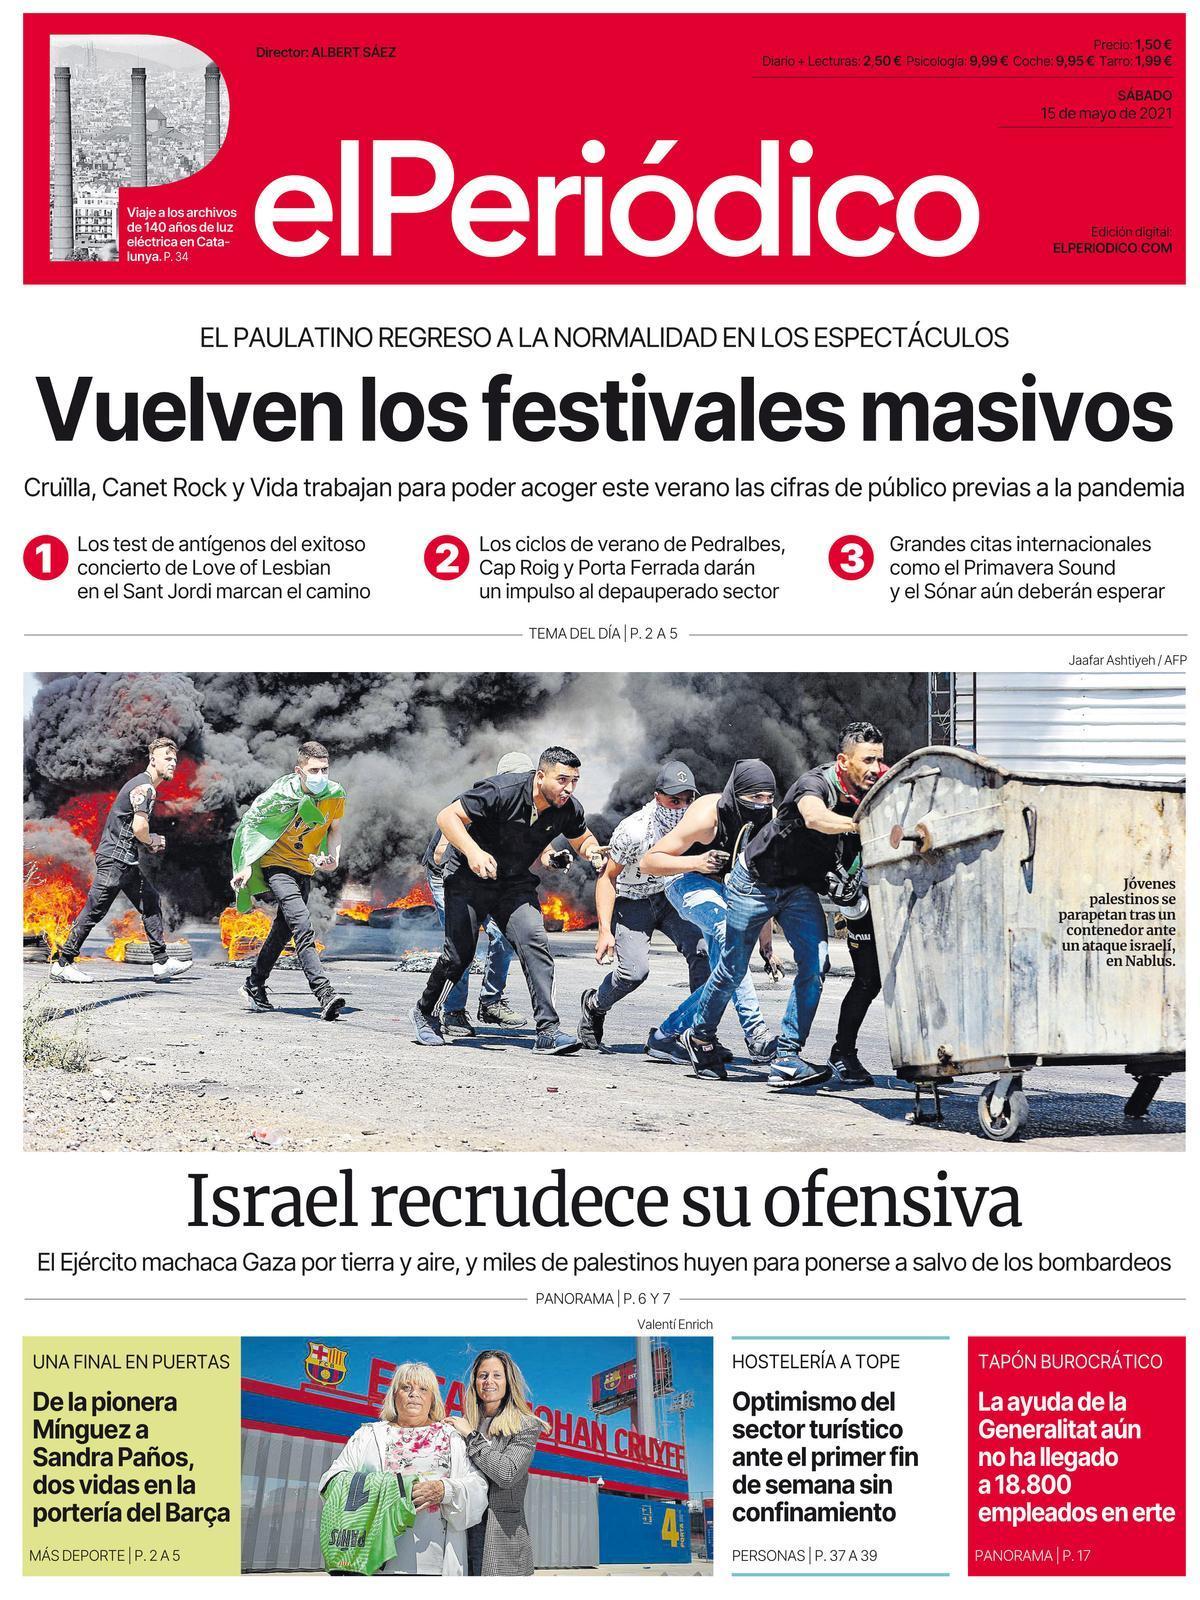 La portada de EL PERIÓDICO del 15 de mayo de 2021